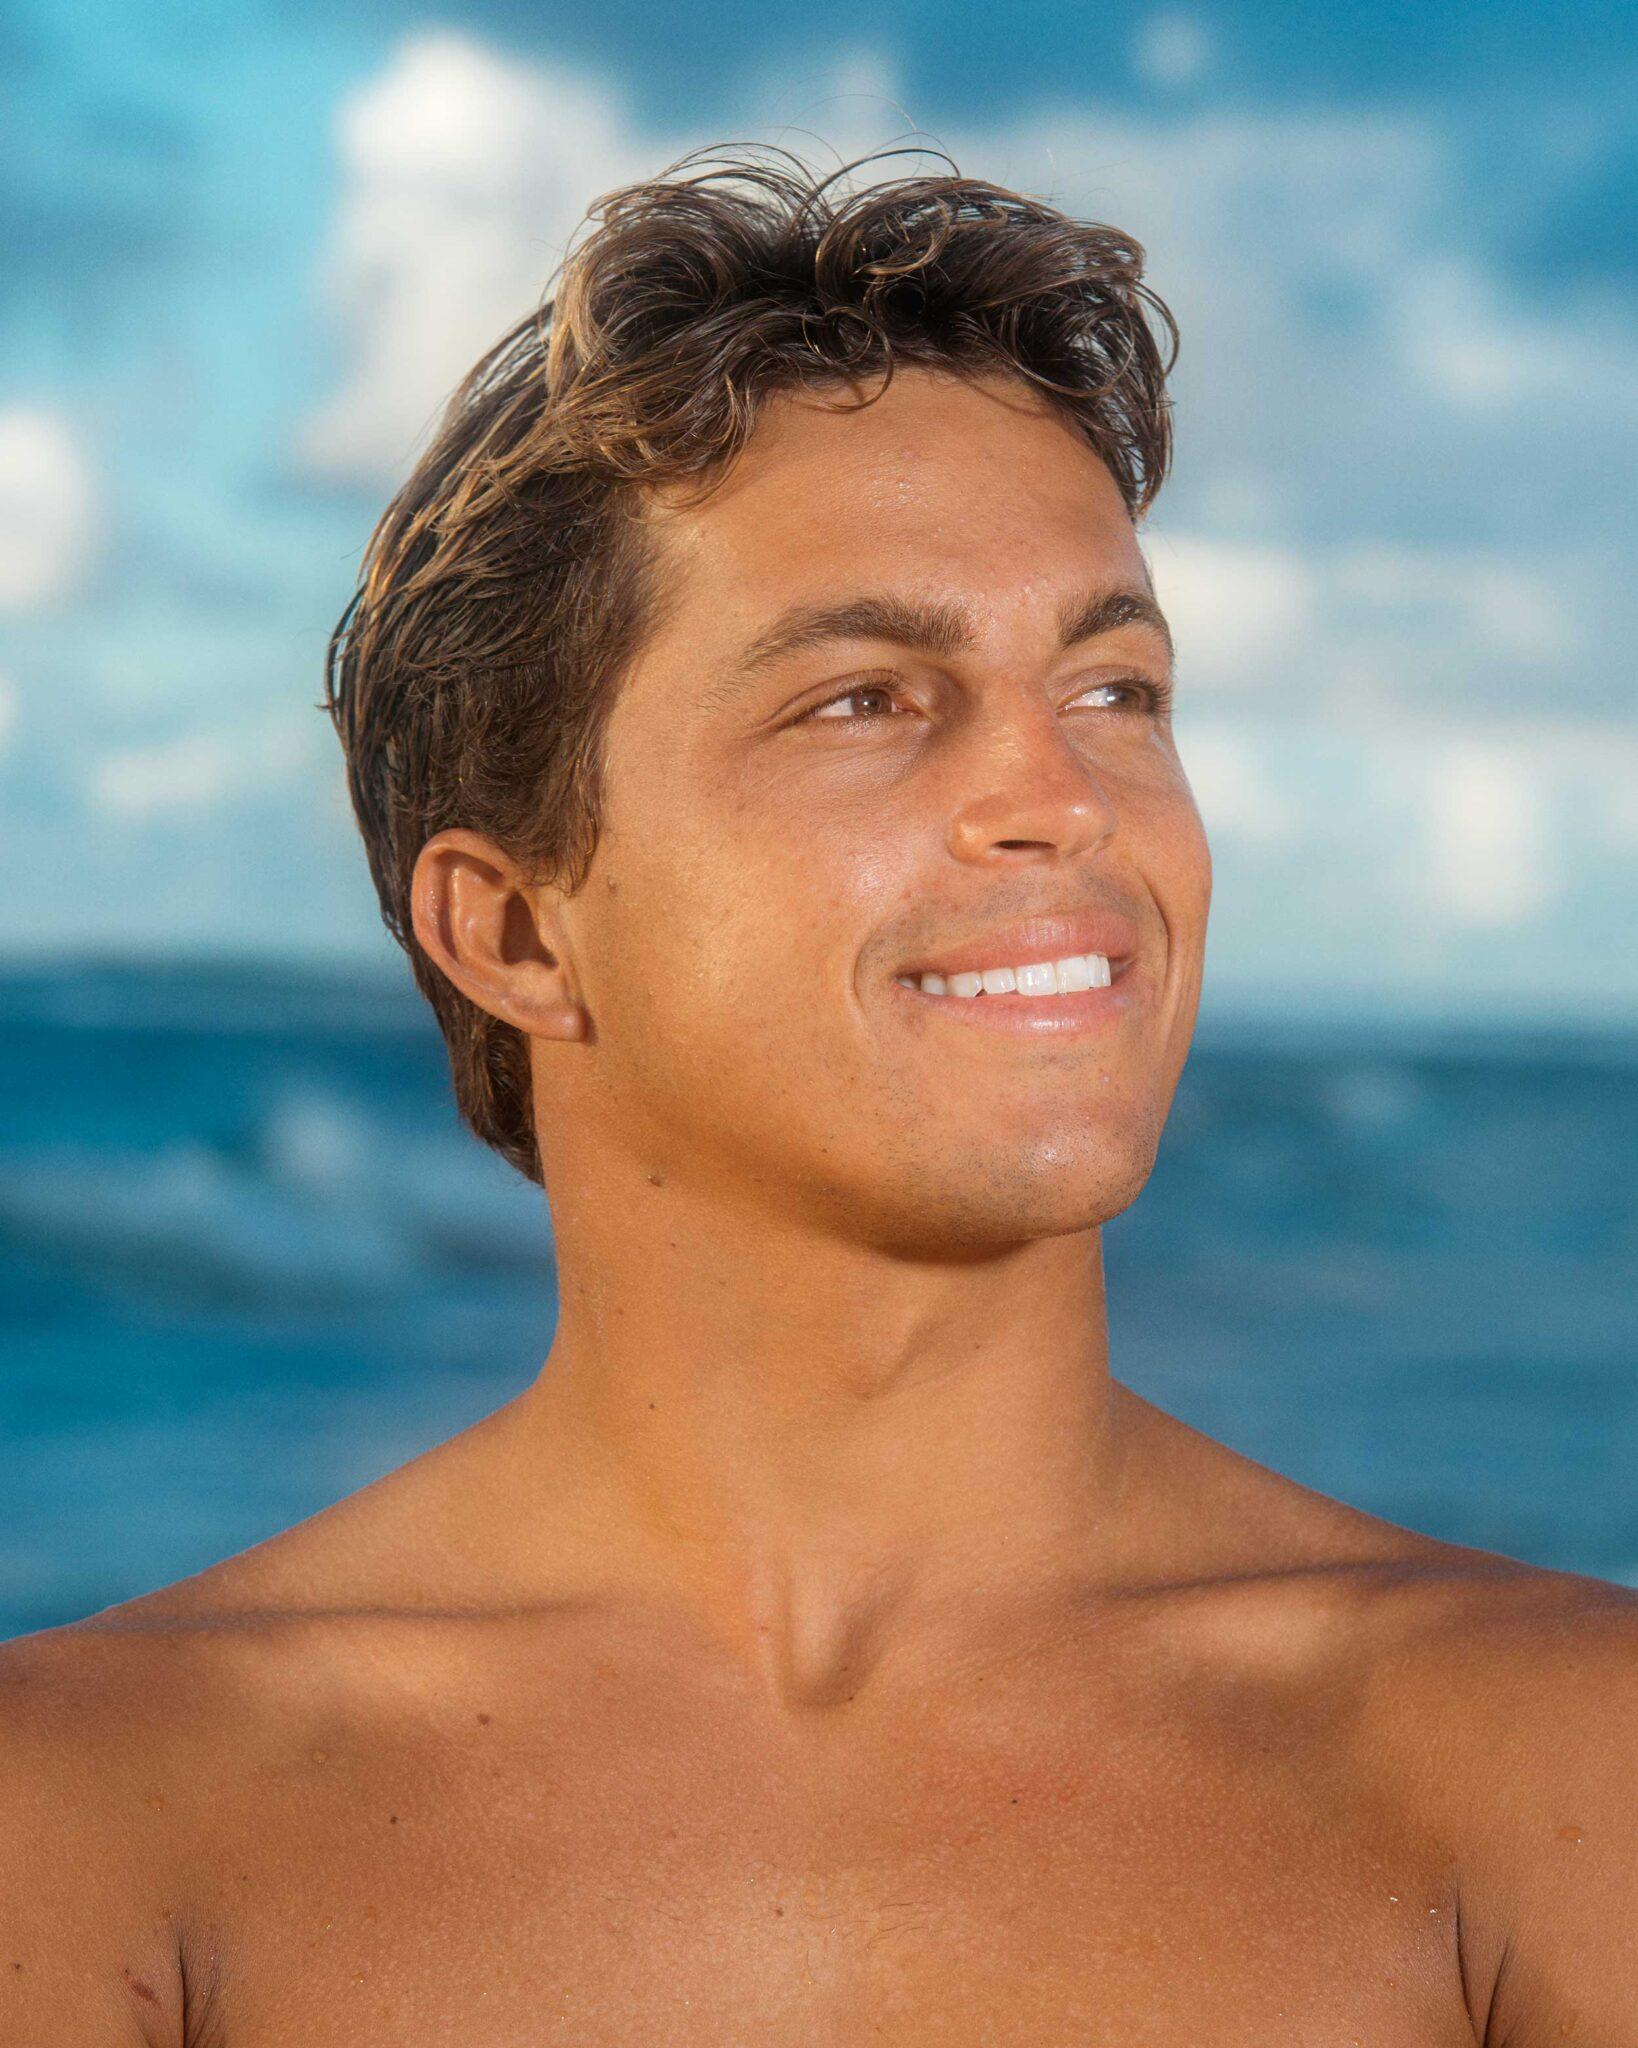 Portrait of Kai Lenny, professional surfer